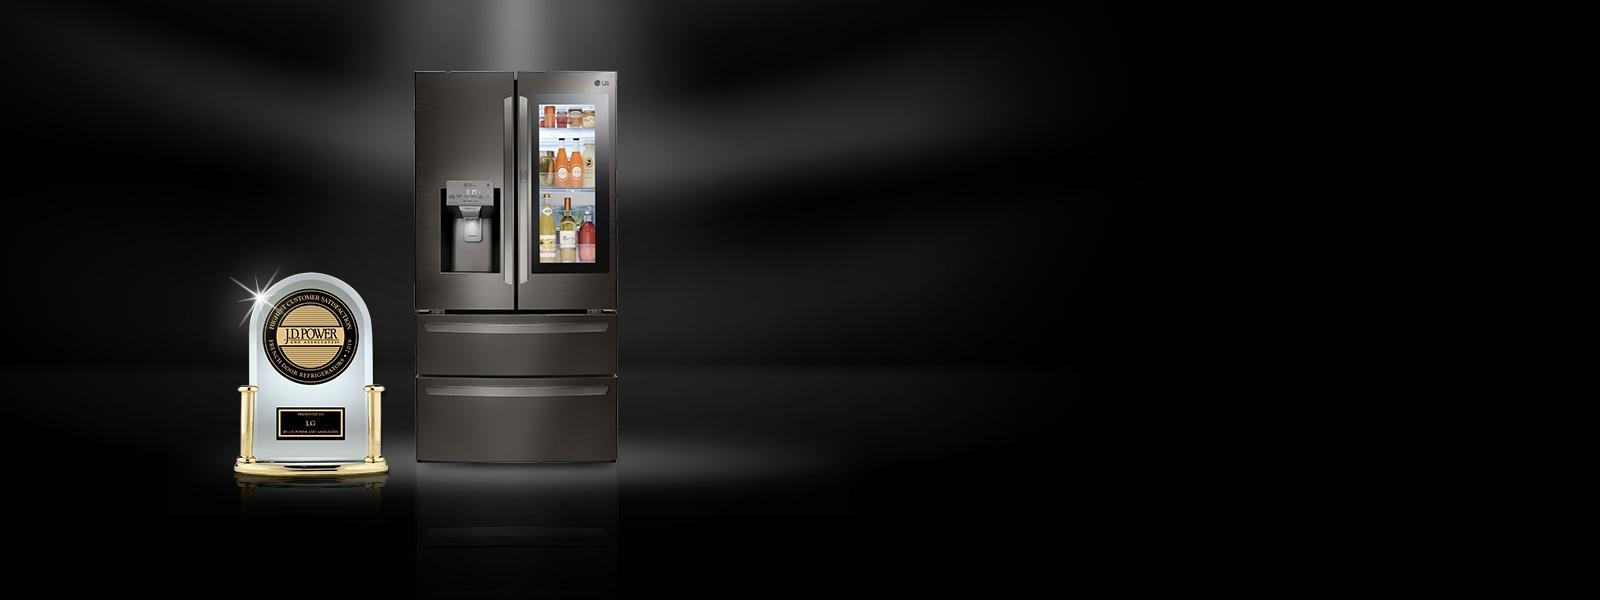 LG French Door Refrigerators: Smart InstaView, 3 & 4 Doors